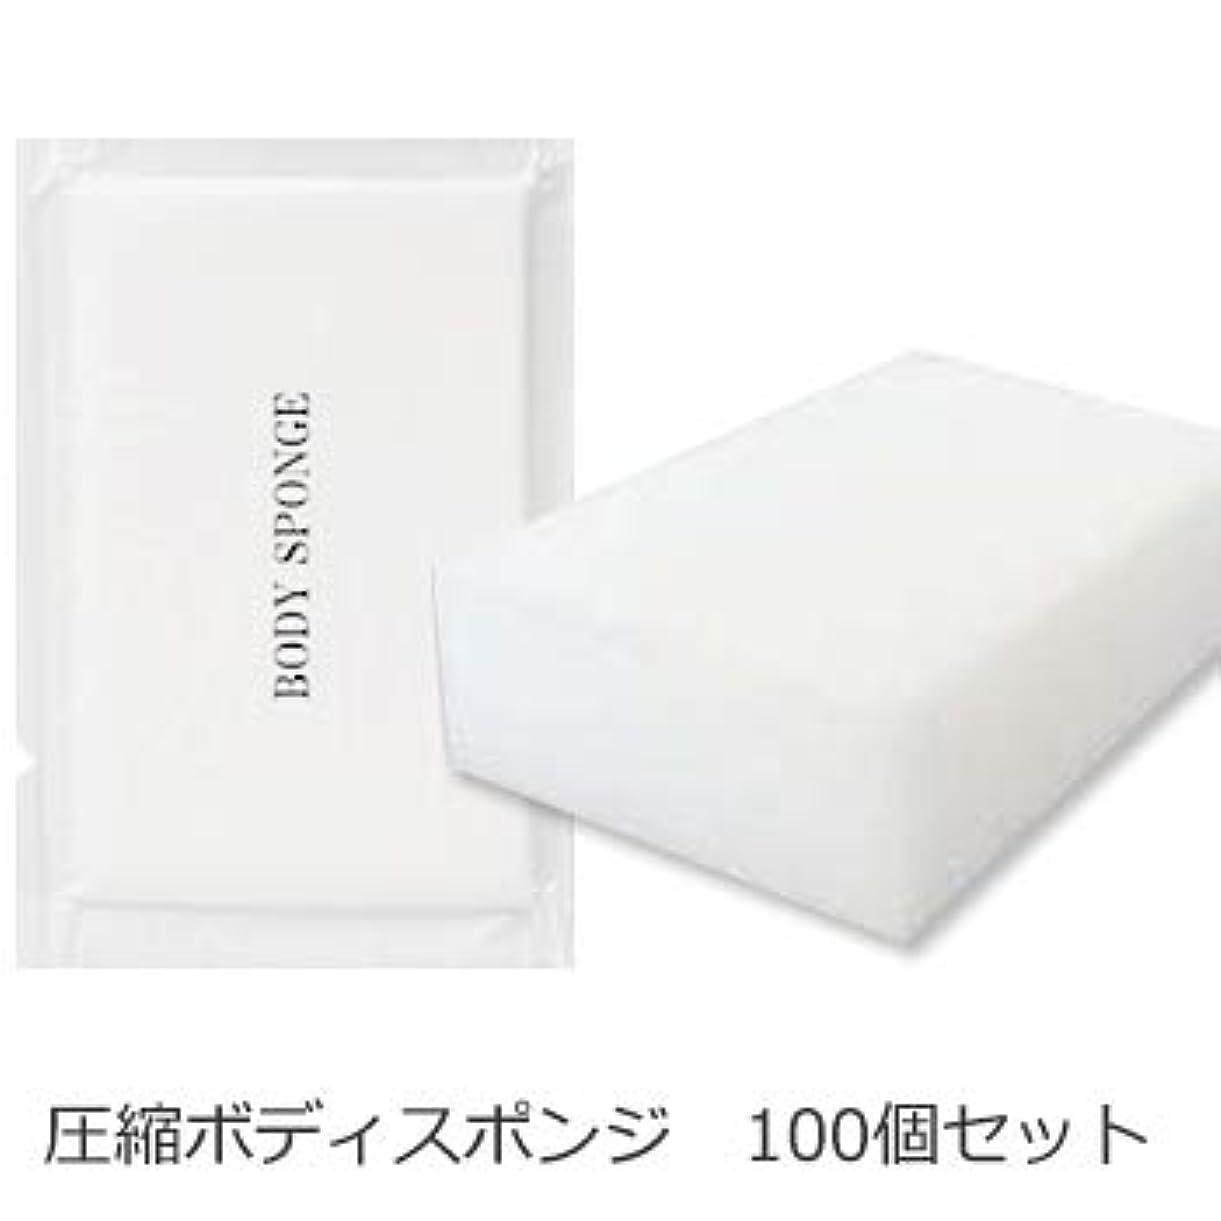 機転豊富買収ボディスポンジ 海綿タイプ 厚み 30mm (1セット100個入)1個当たり14円税別